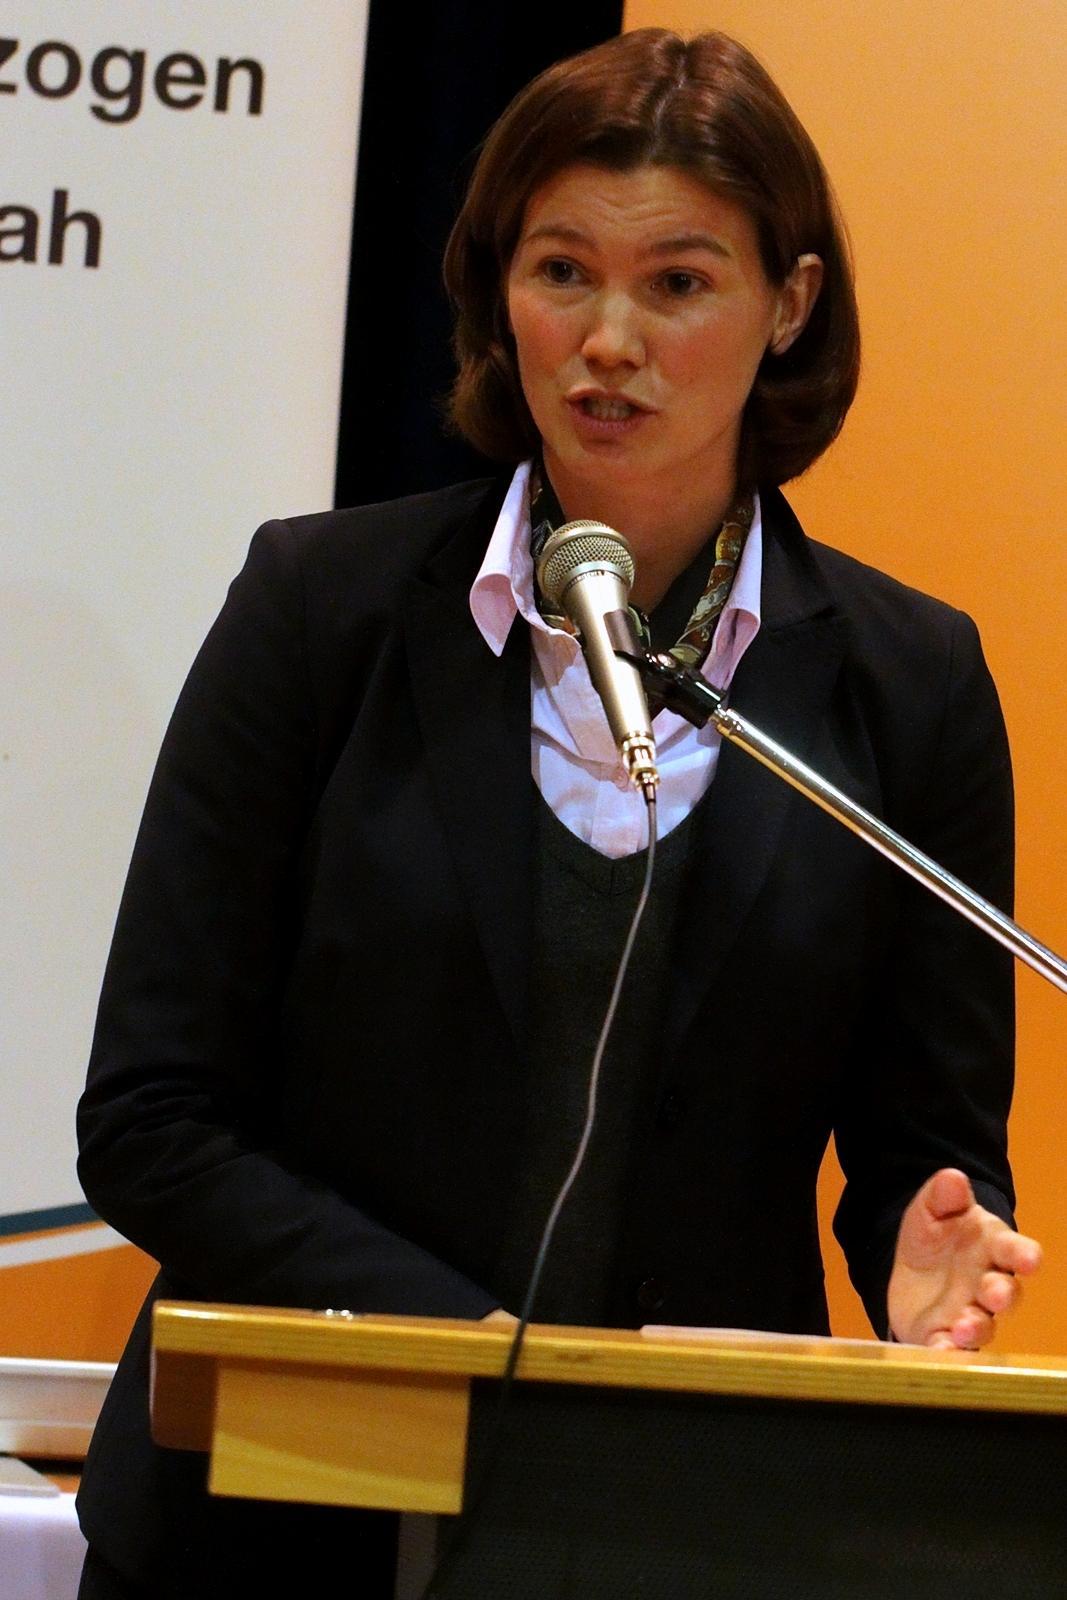 In einer engagierten und kompetenten Rede nimmt Tanja Schweiger Stellung zu verschiedenen Themen im Landkreis Regensburg